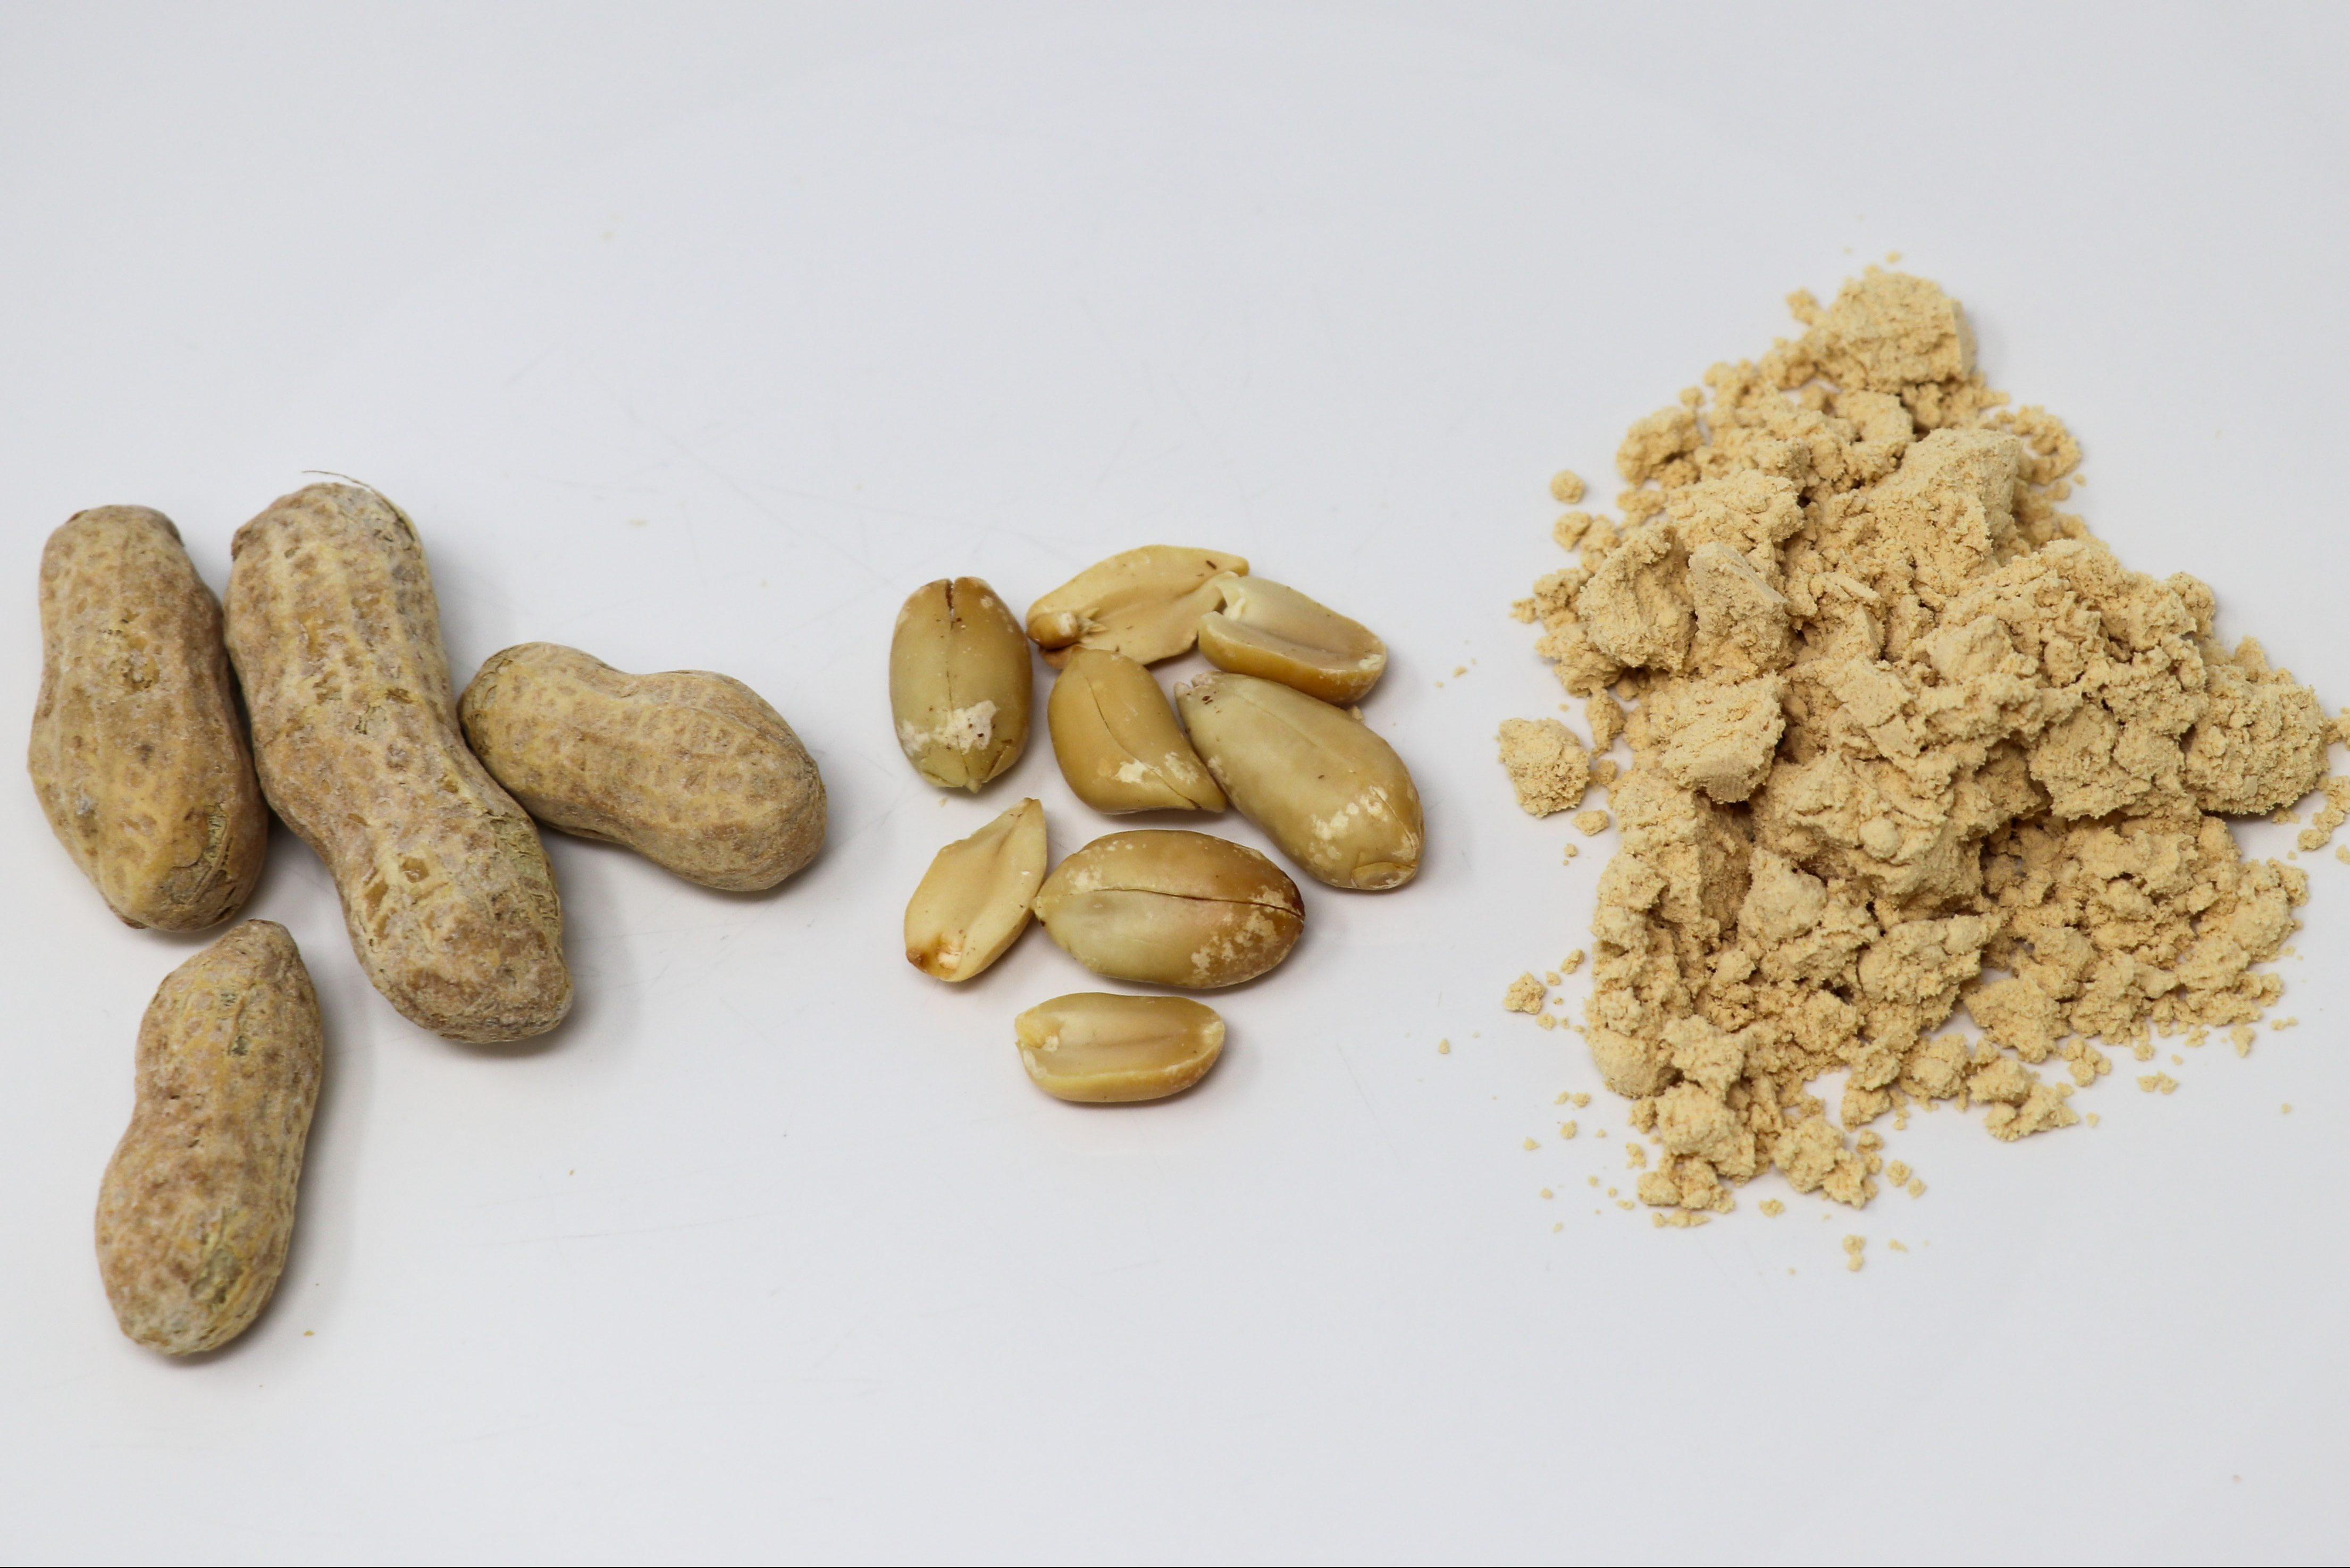 powdered peanut butter vs regular peanut butter